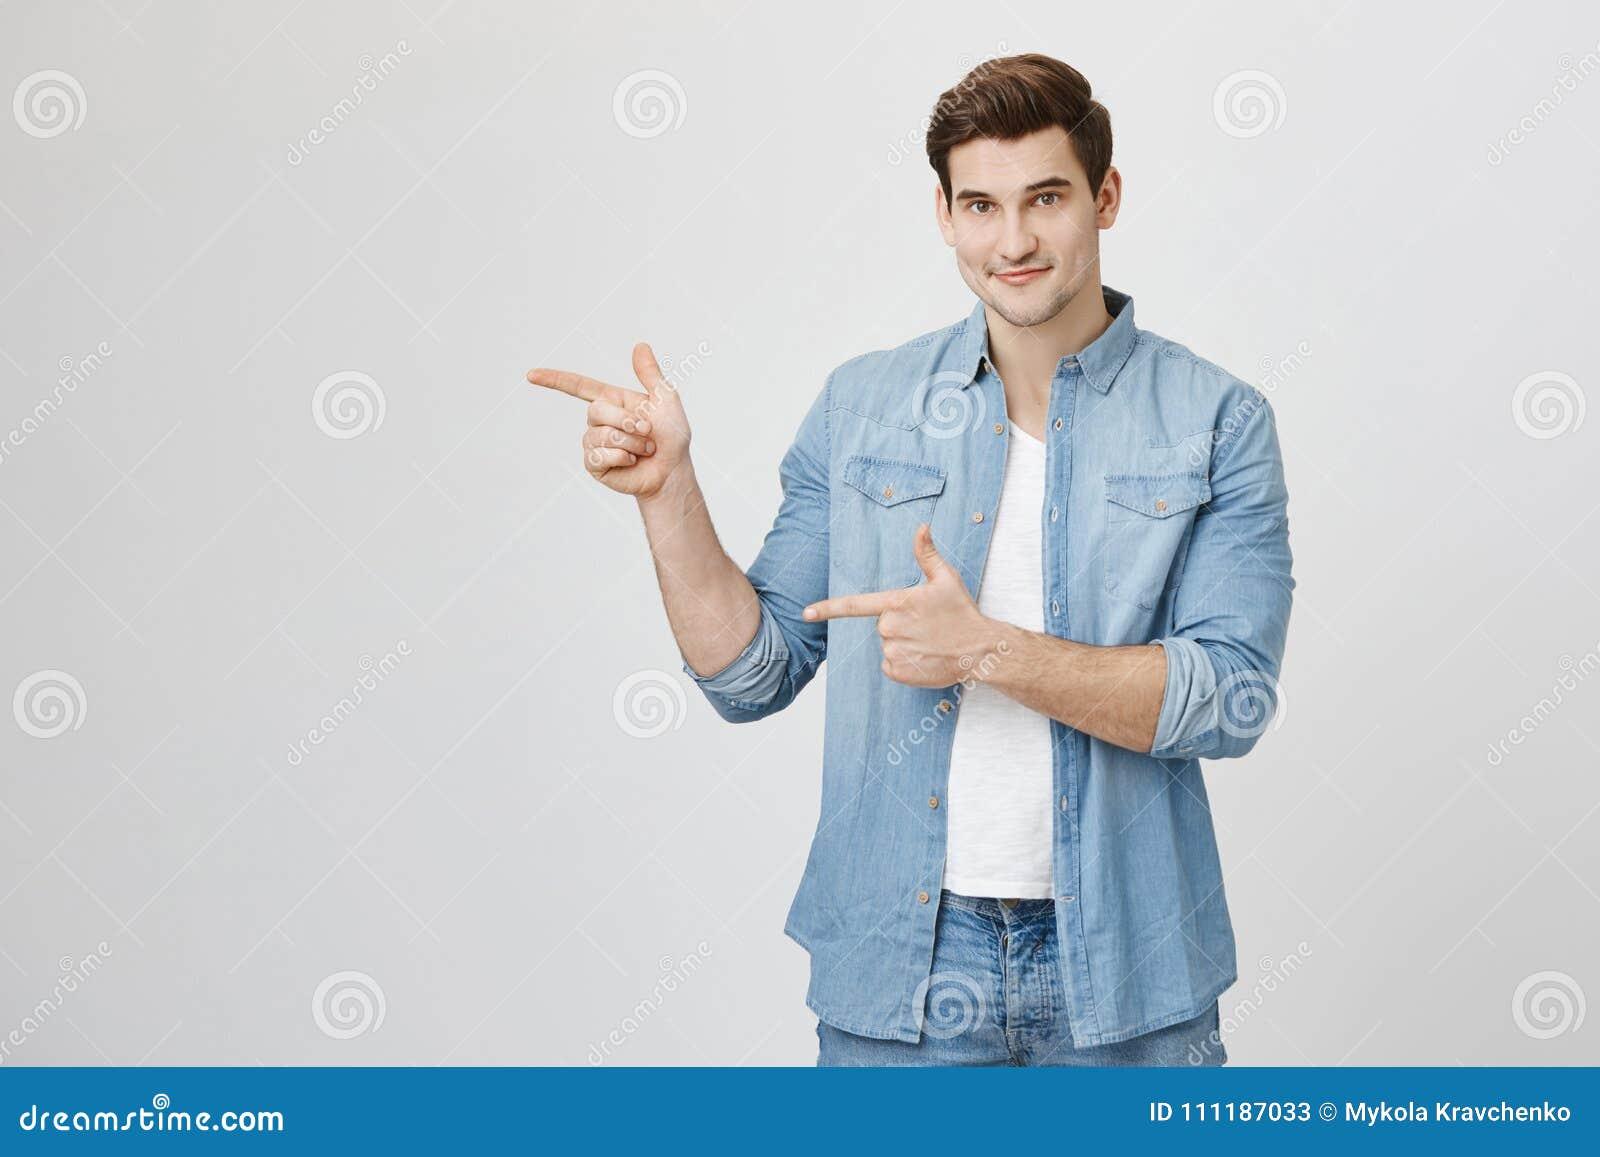 Snygg stilig europeisk grabb med moderiktig frisyr och ärligt leende som pekar pekfingrar som gör vapengest